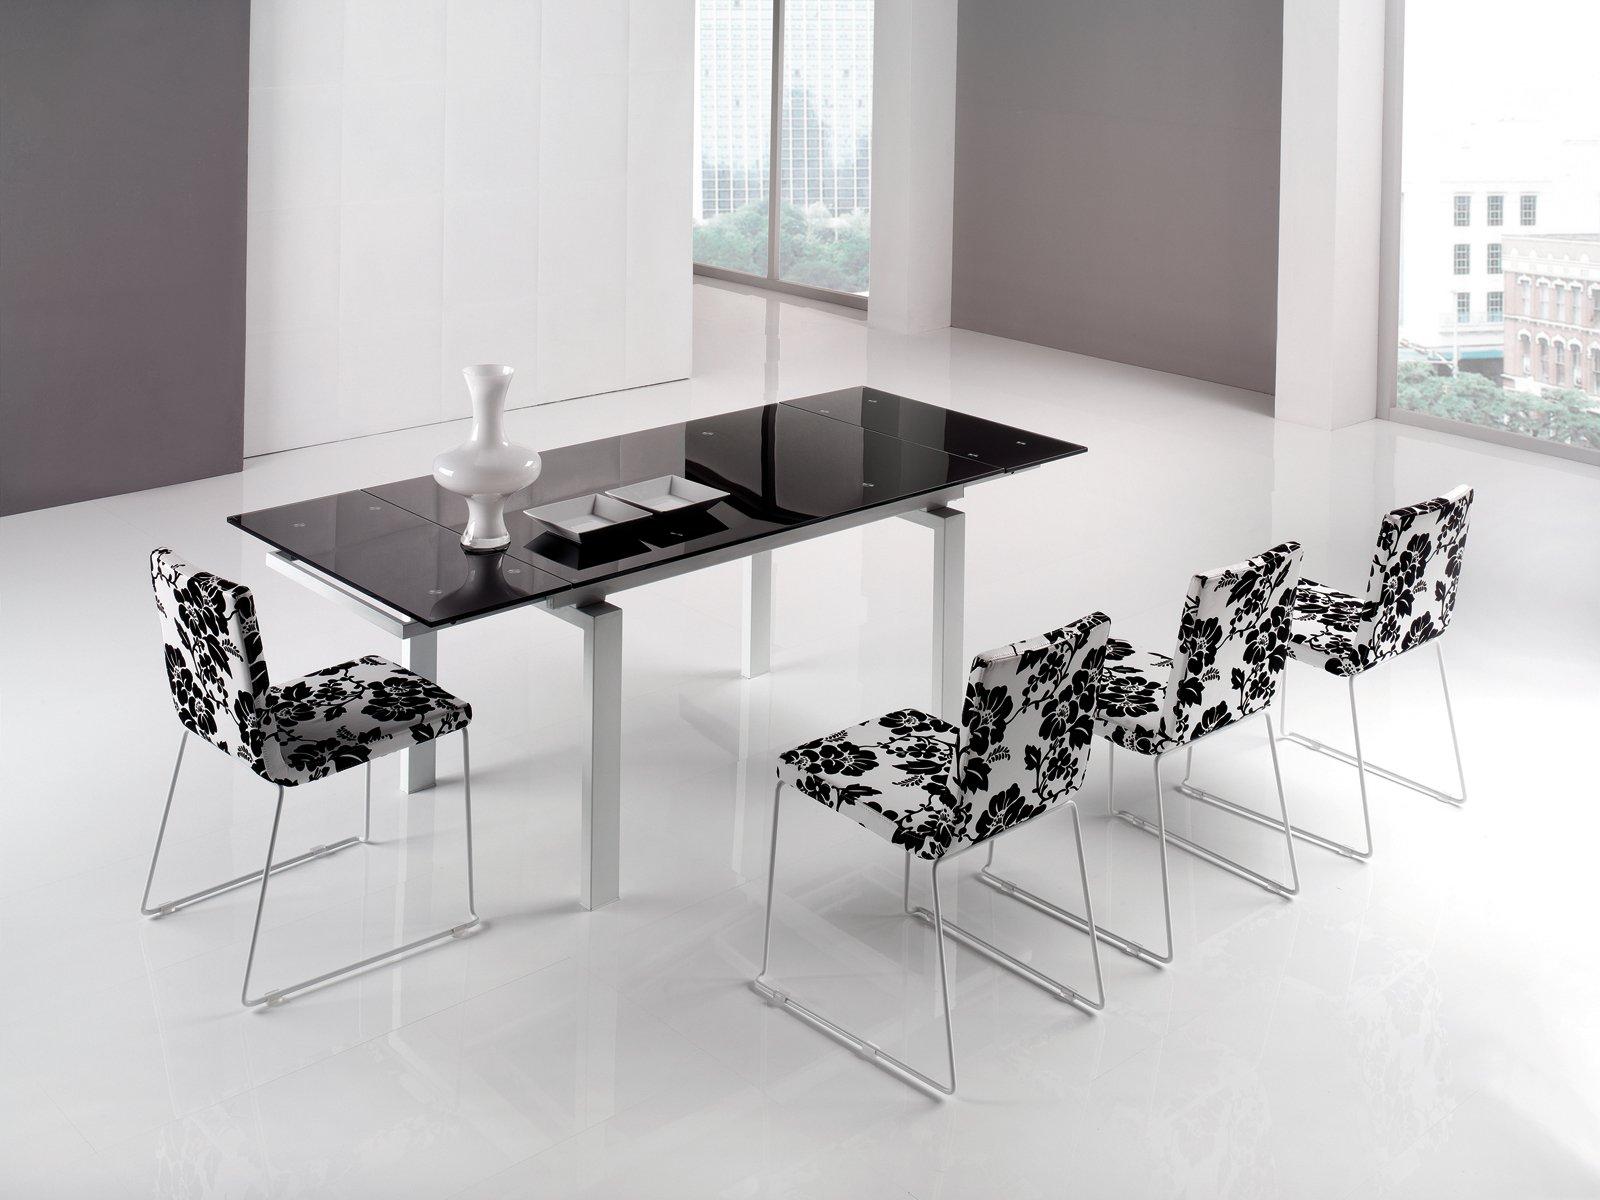 Tavoli e sedie per cucina o soggiorno cose di casa for Tavola per cucina